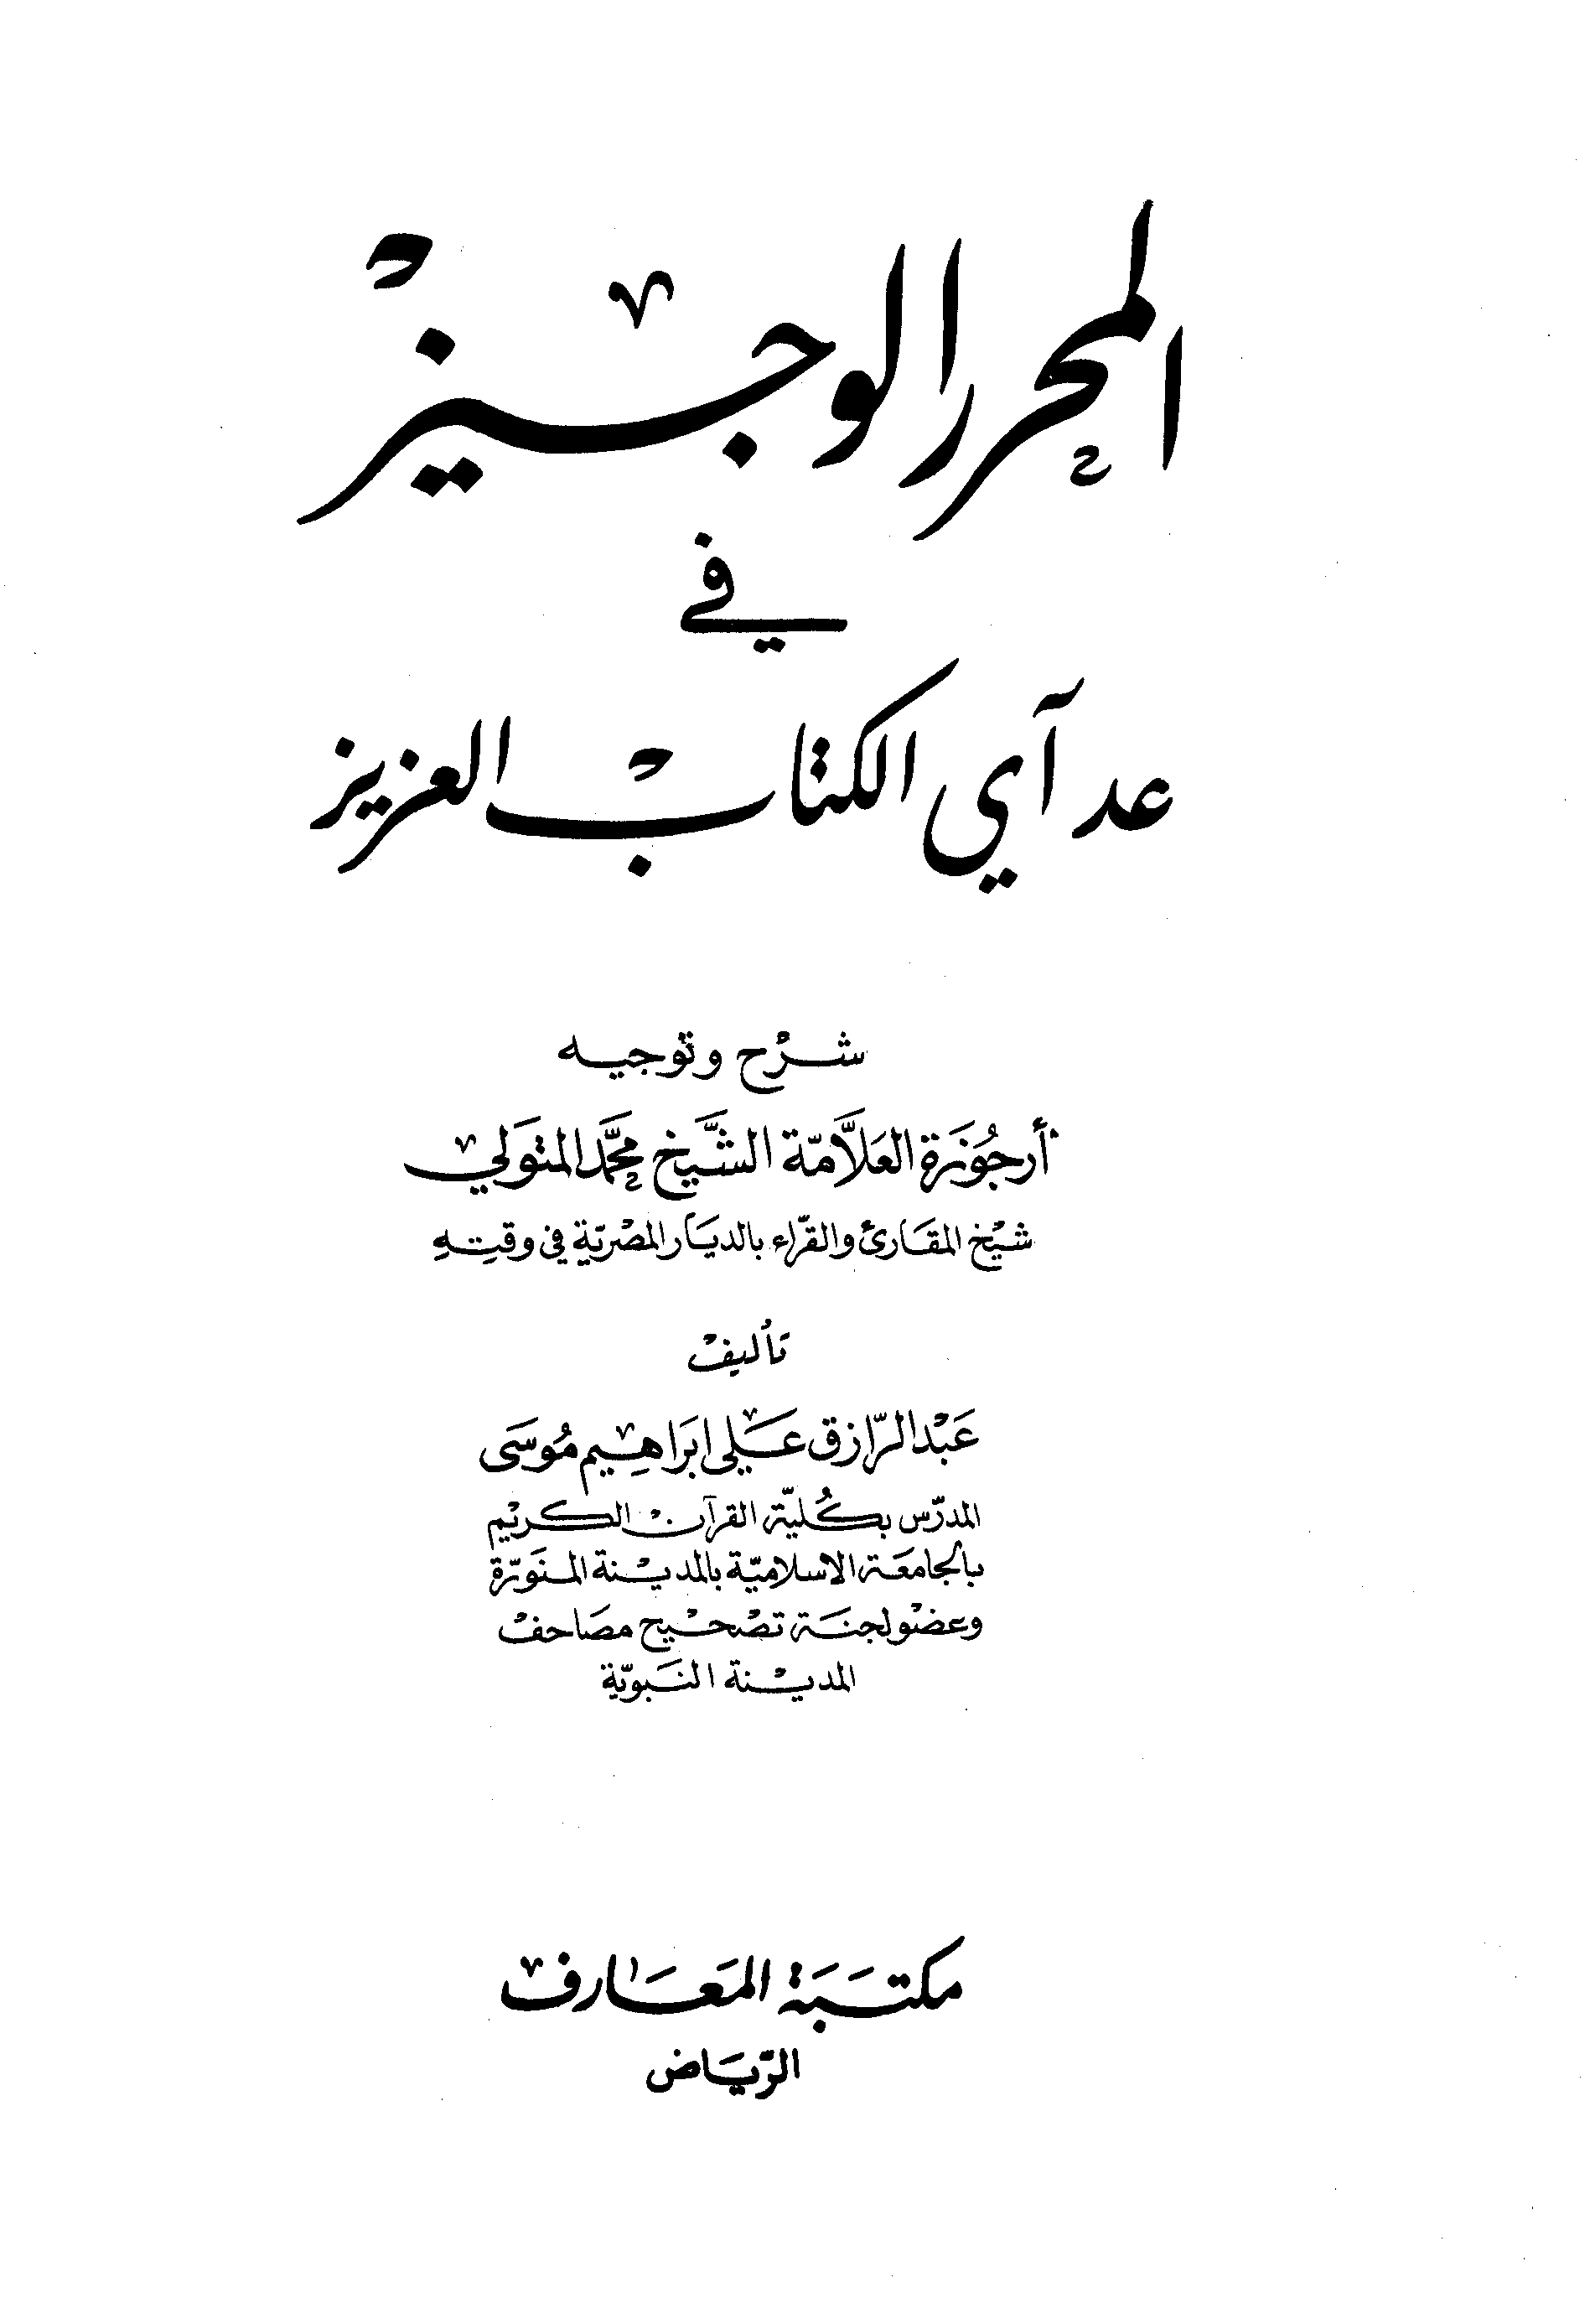 تحميل كتاب المحرر الوجيز في عد آي الكتاب العزيز لـِ: الشيخ عبد الرازق بن علي بن إبراهيم موسى (ت 1429)